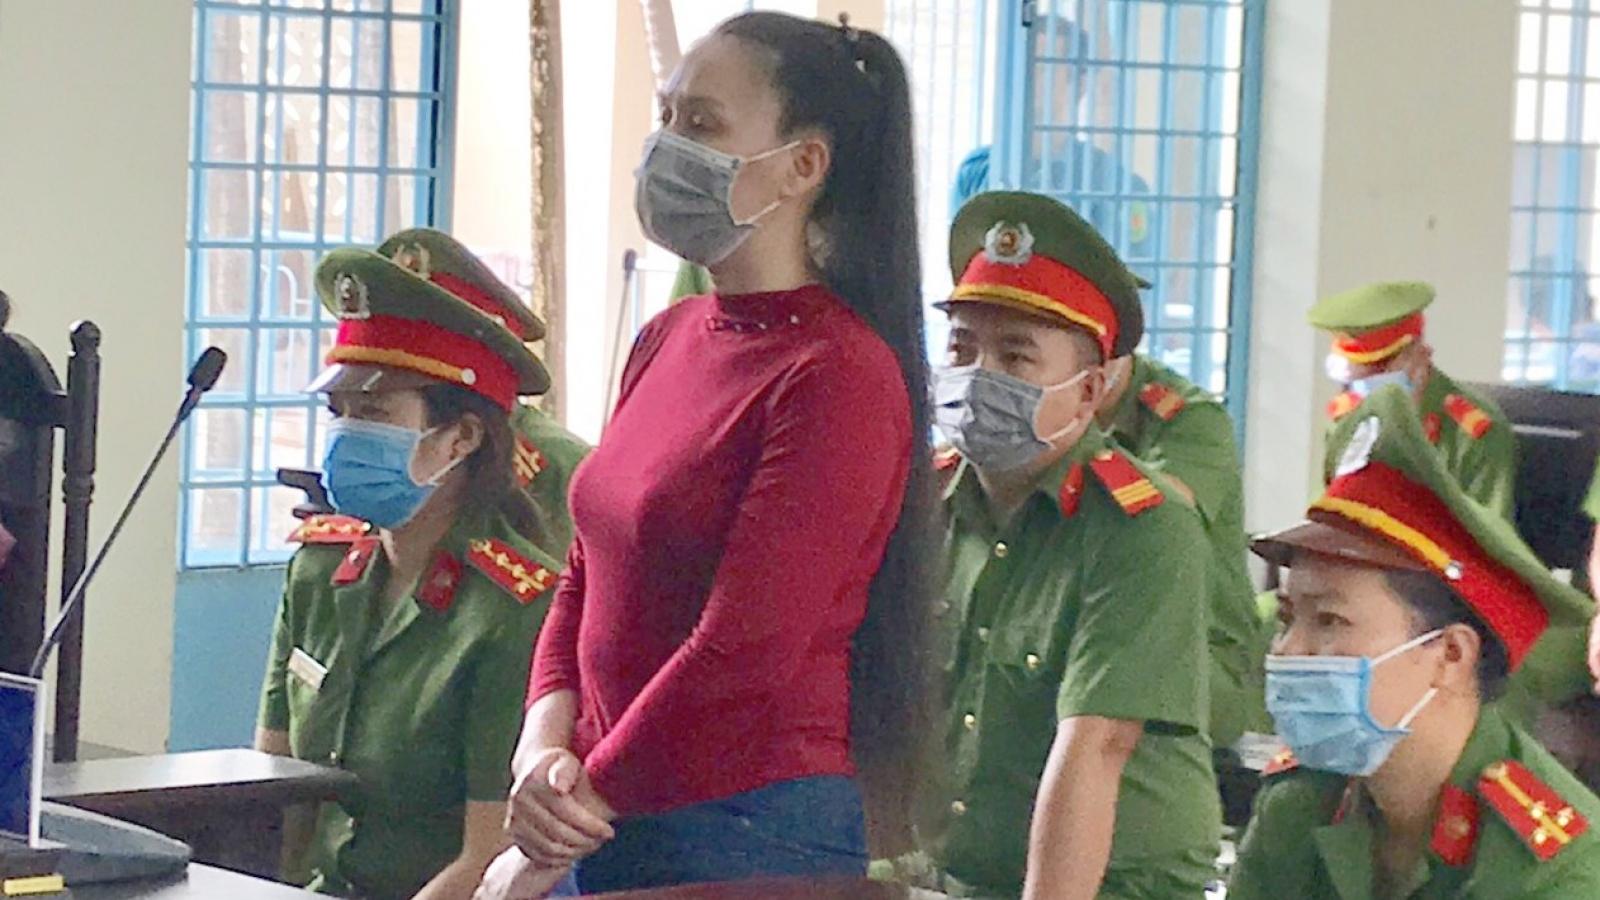 Đăng bài xuyên tạc chống phá Nhà nước, lĩnh án 2 năm tù